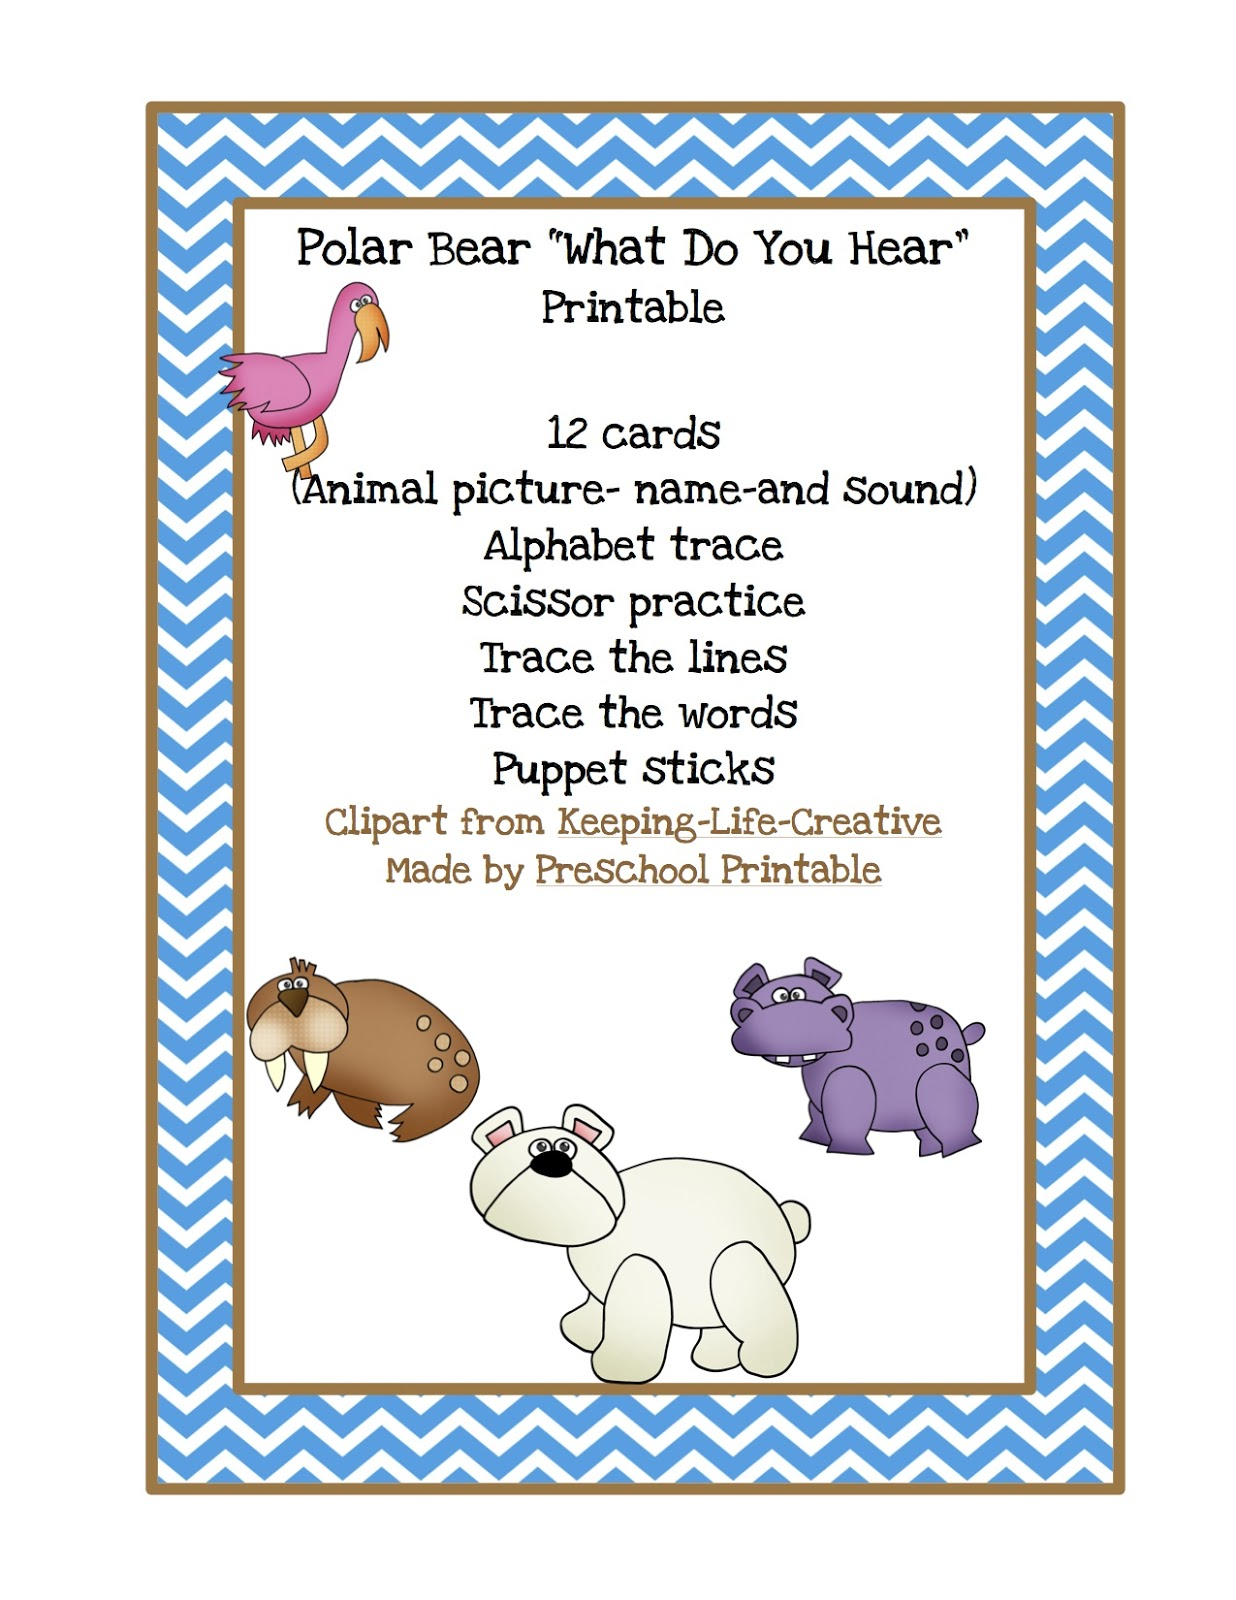 Bear You Cards Sequencing What Hear Polar Do Polar Bear